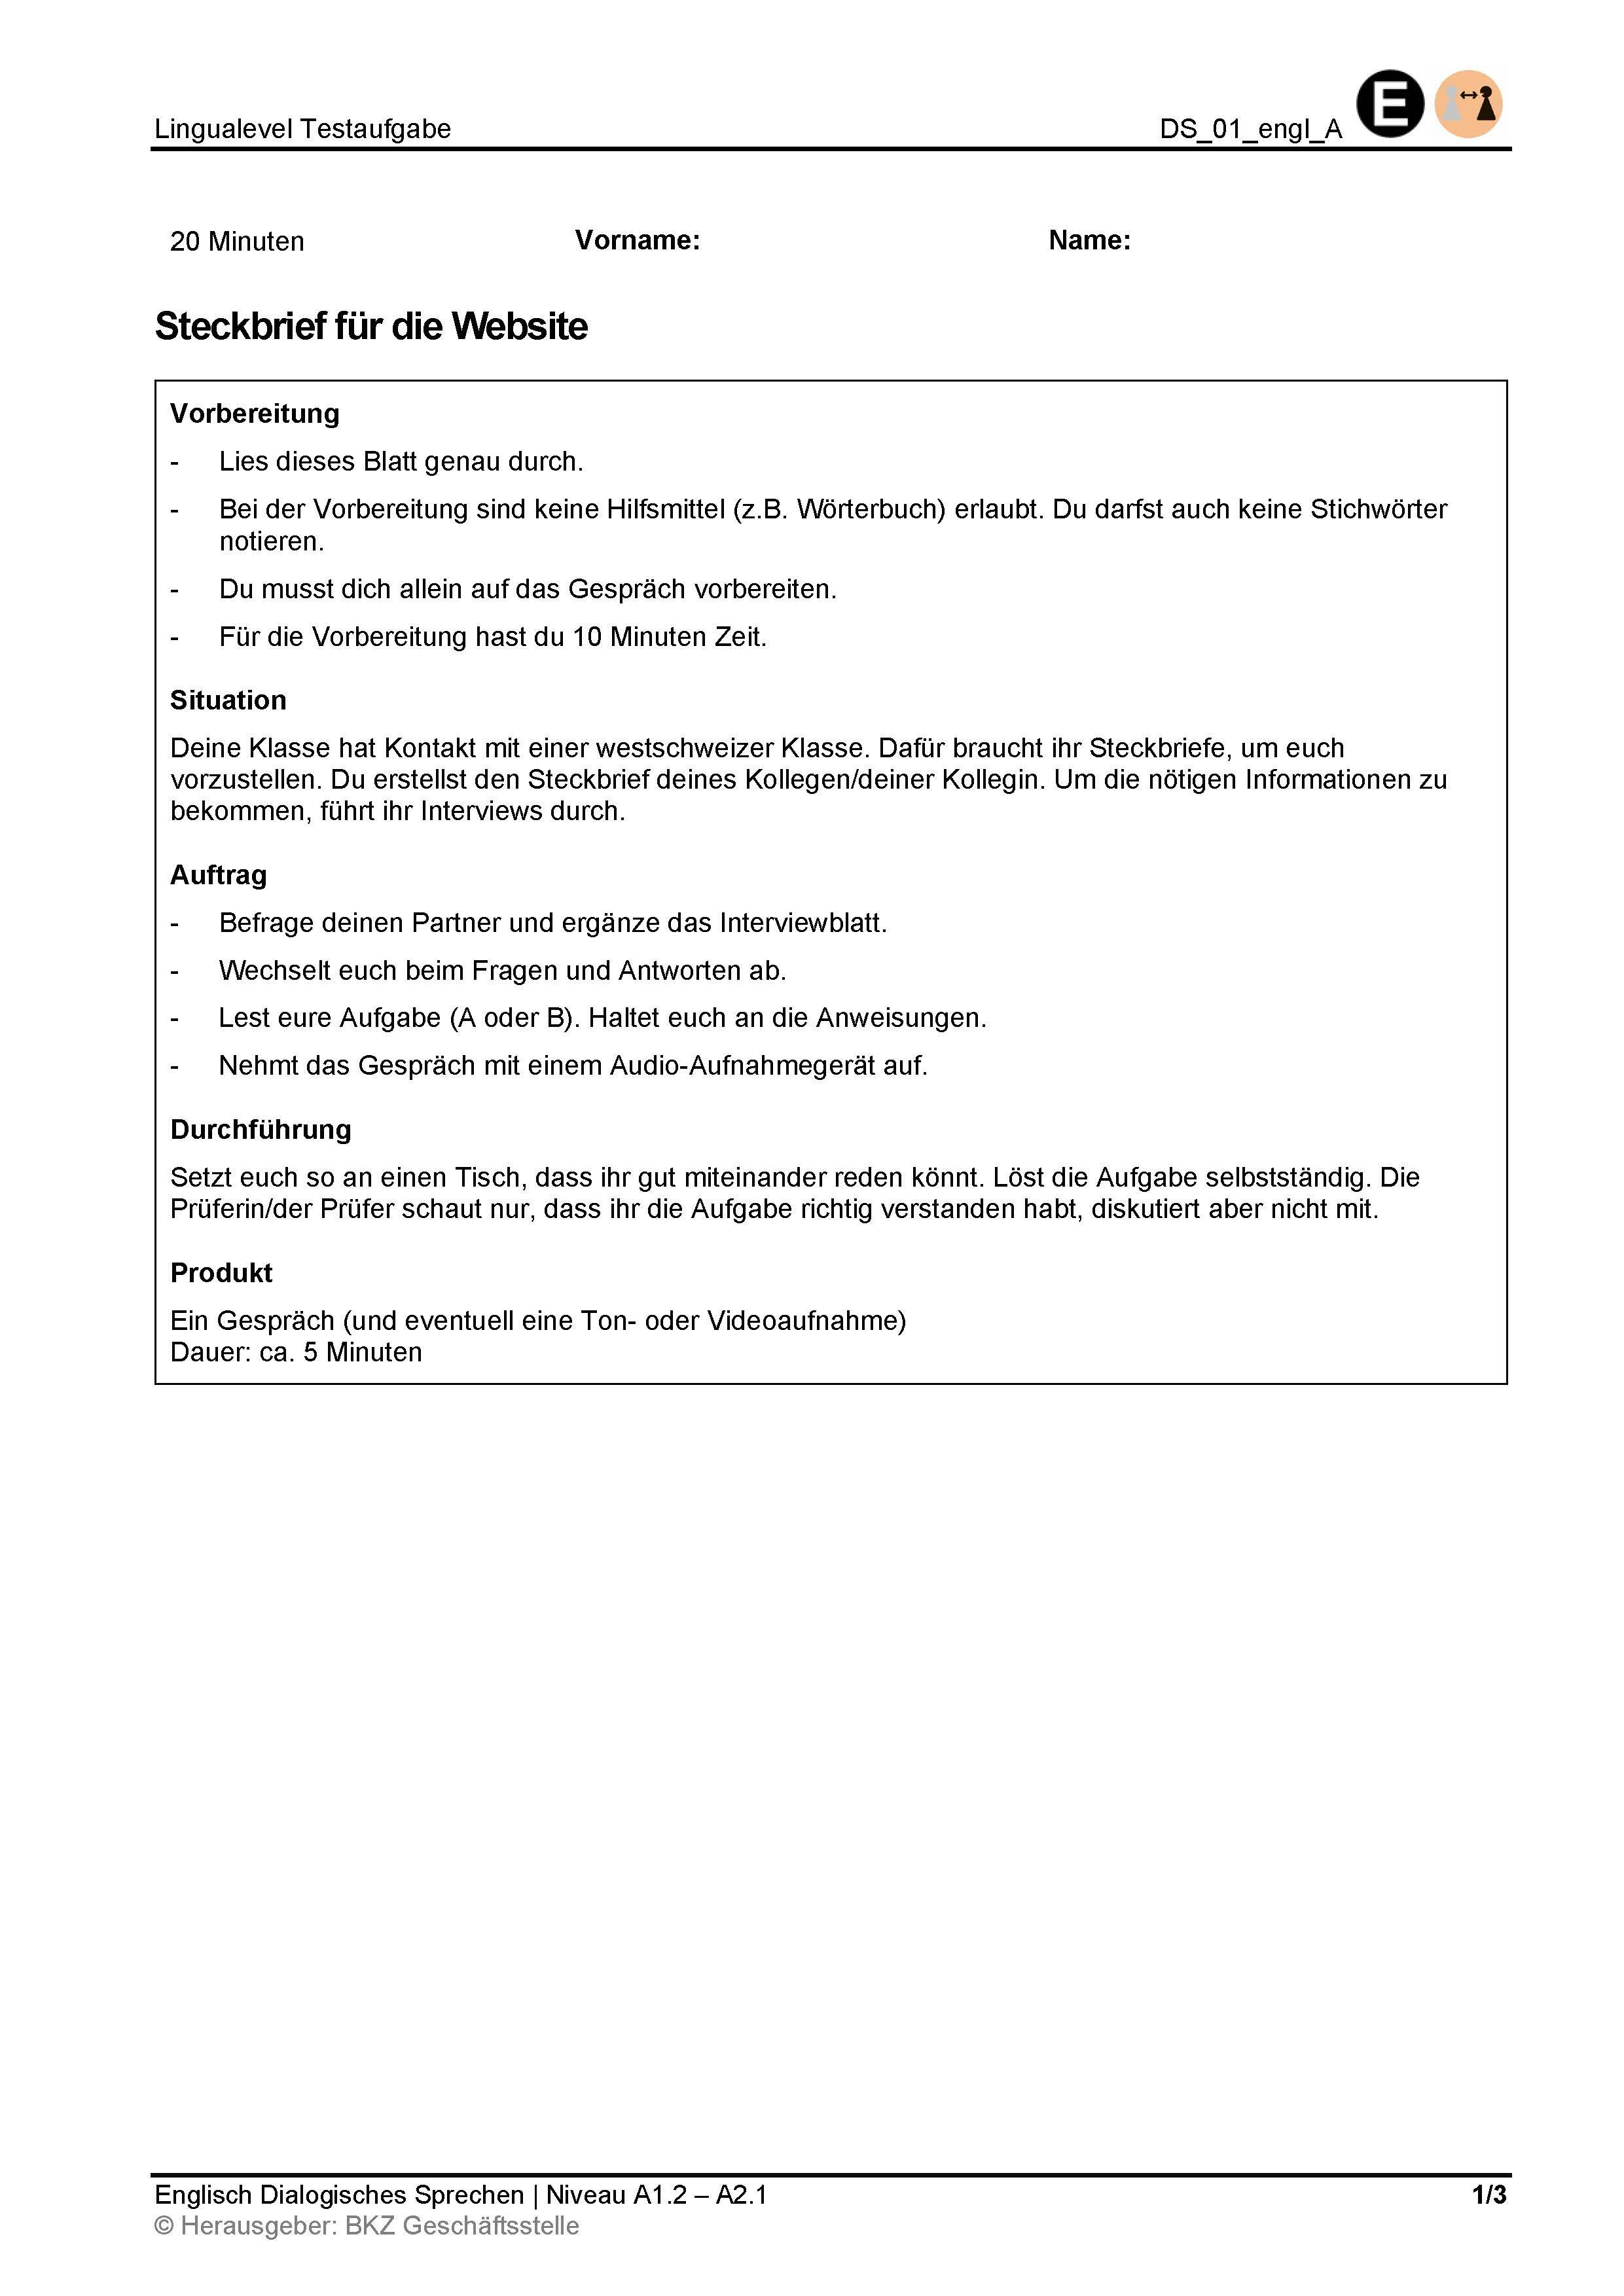 Preview image for LOM object Dialogisches Sprechen: Steckbrief für die Website